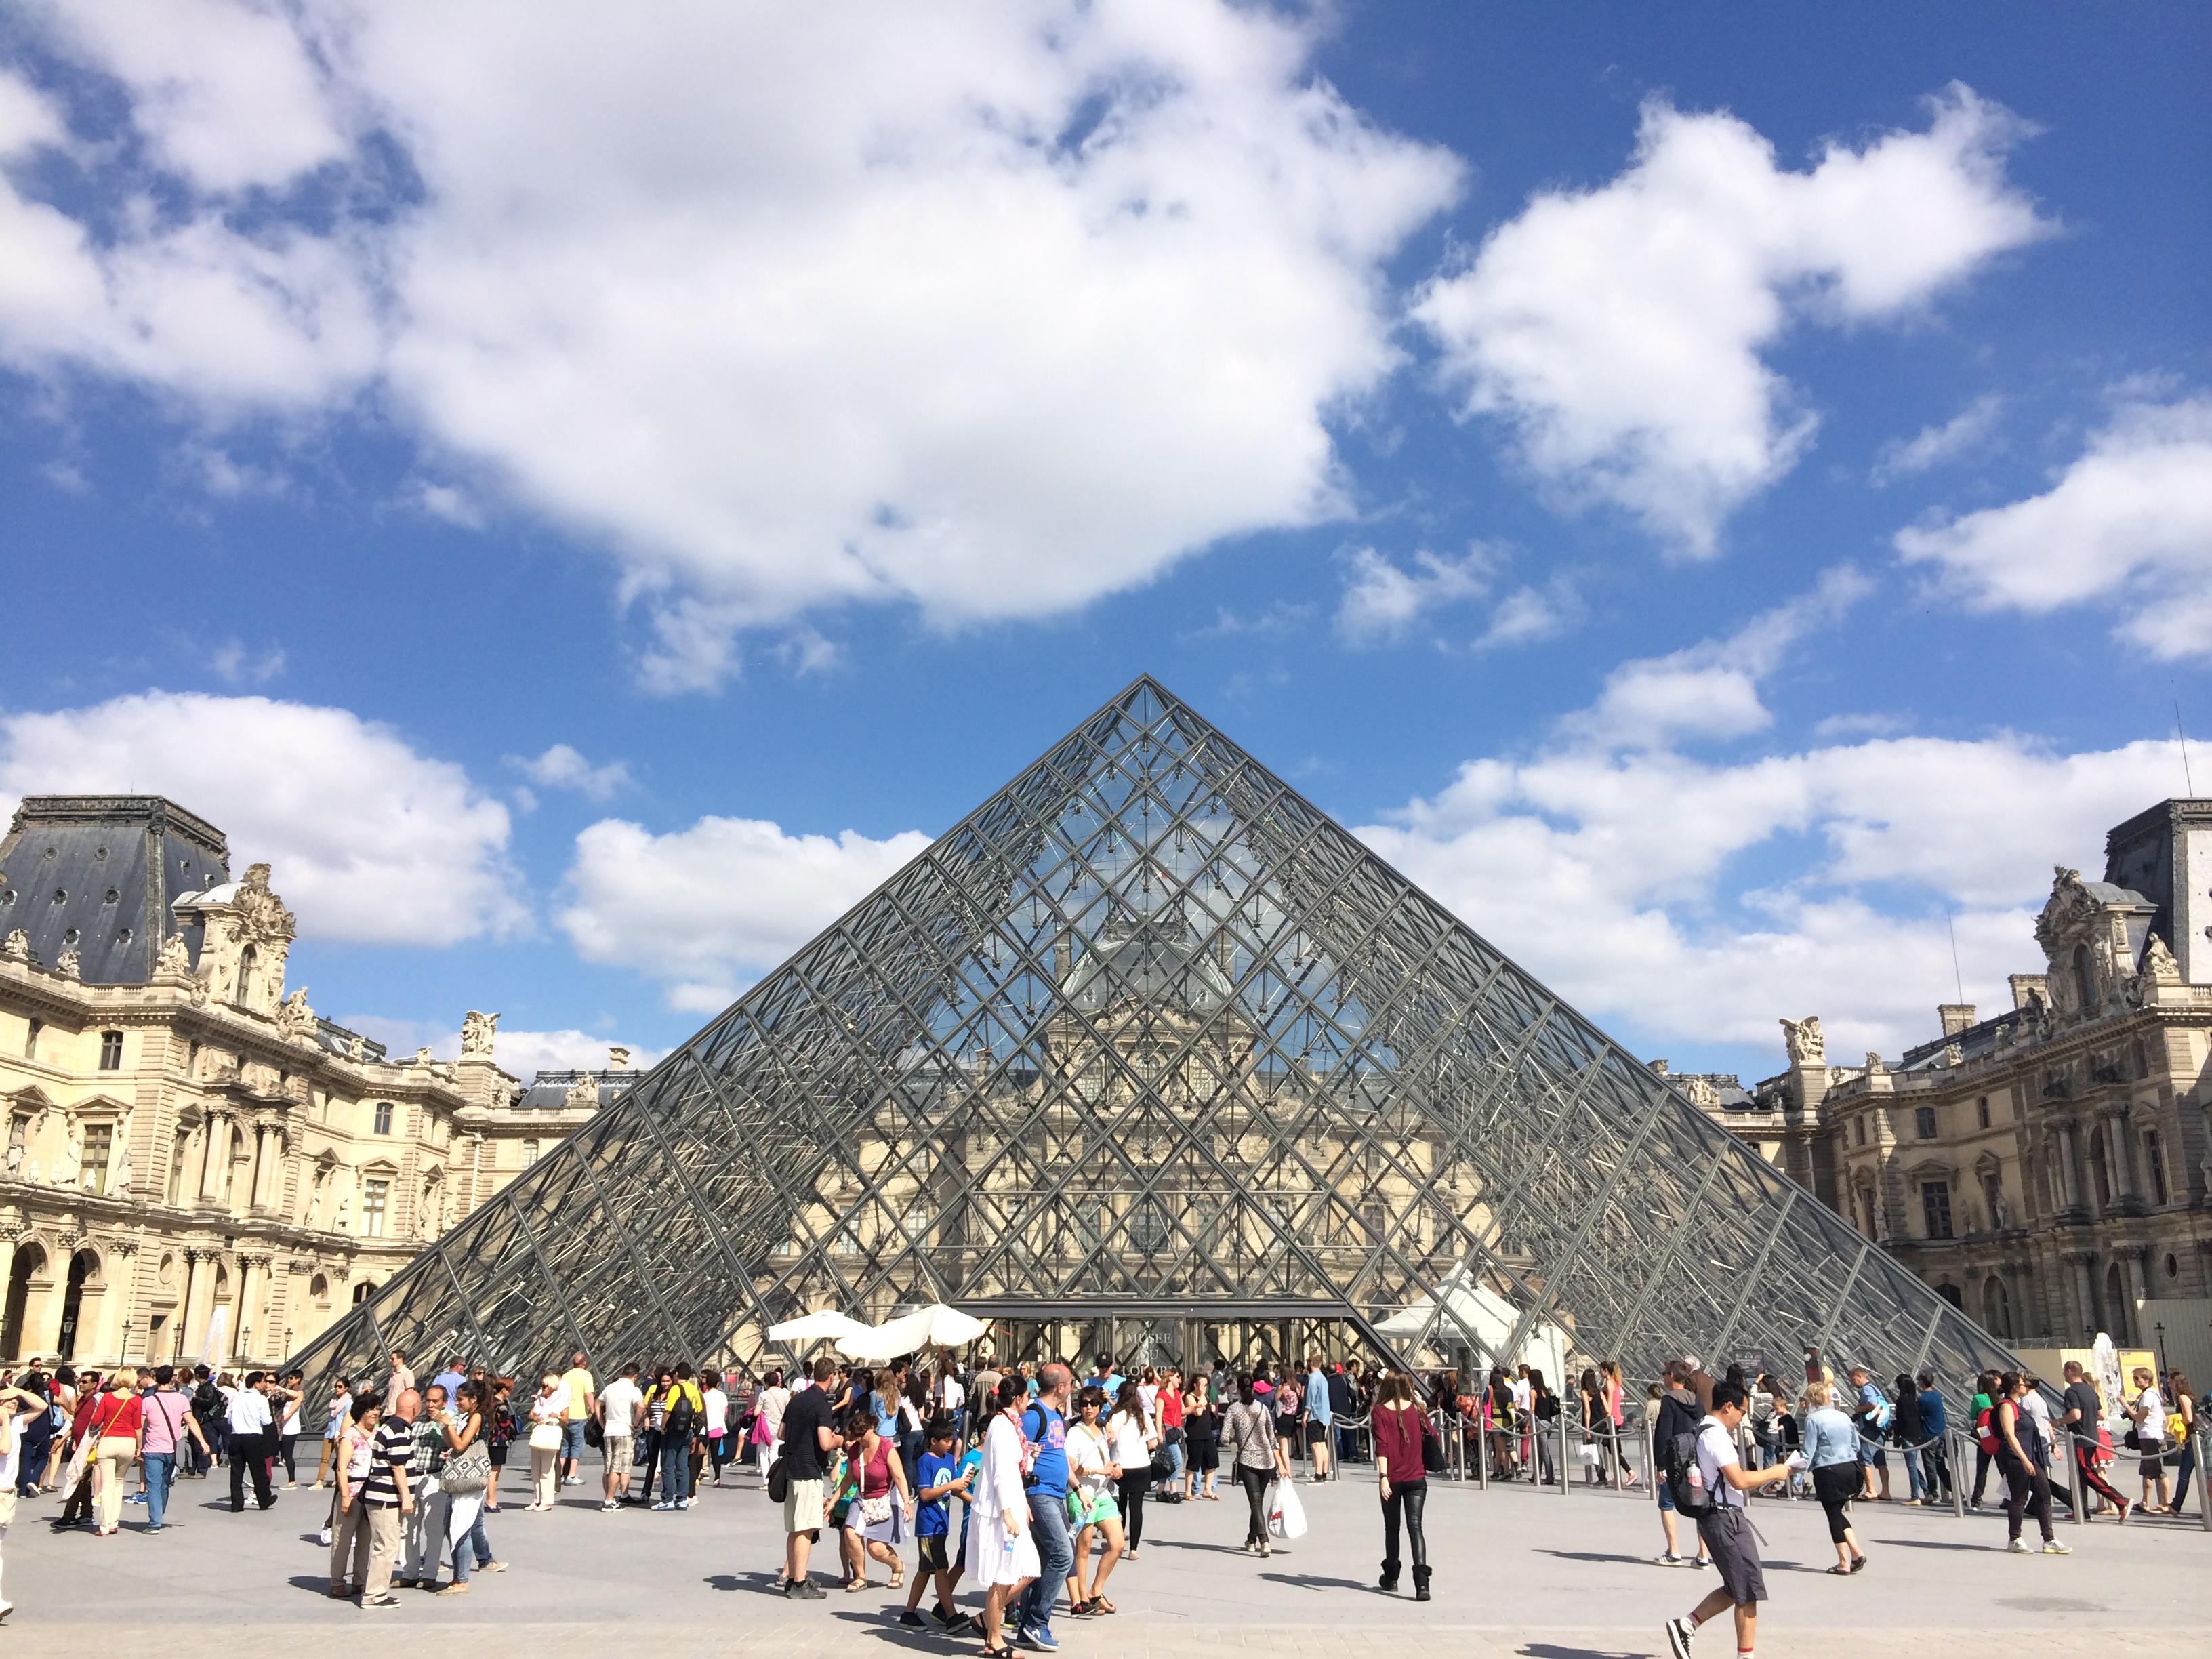 パリ(フランス) / Paris(France)